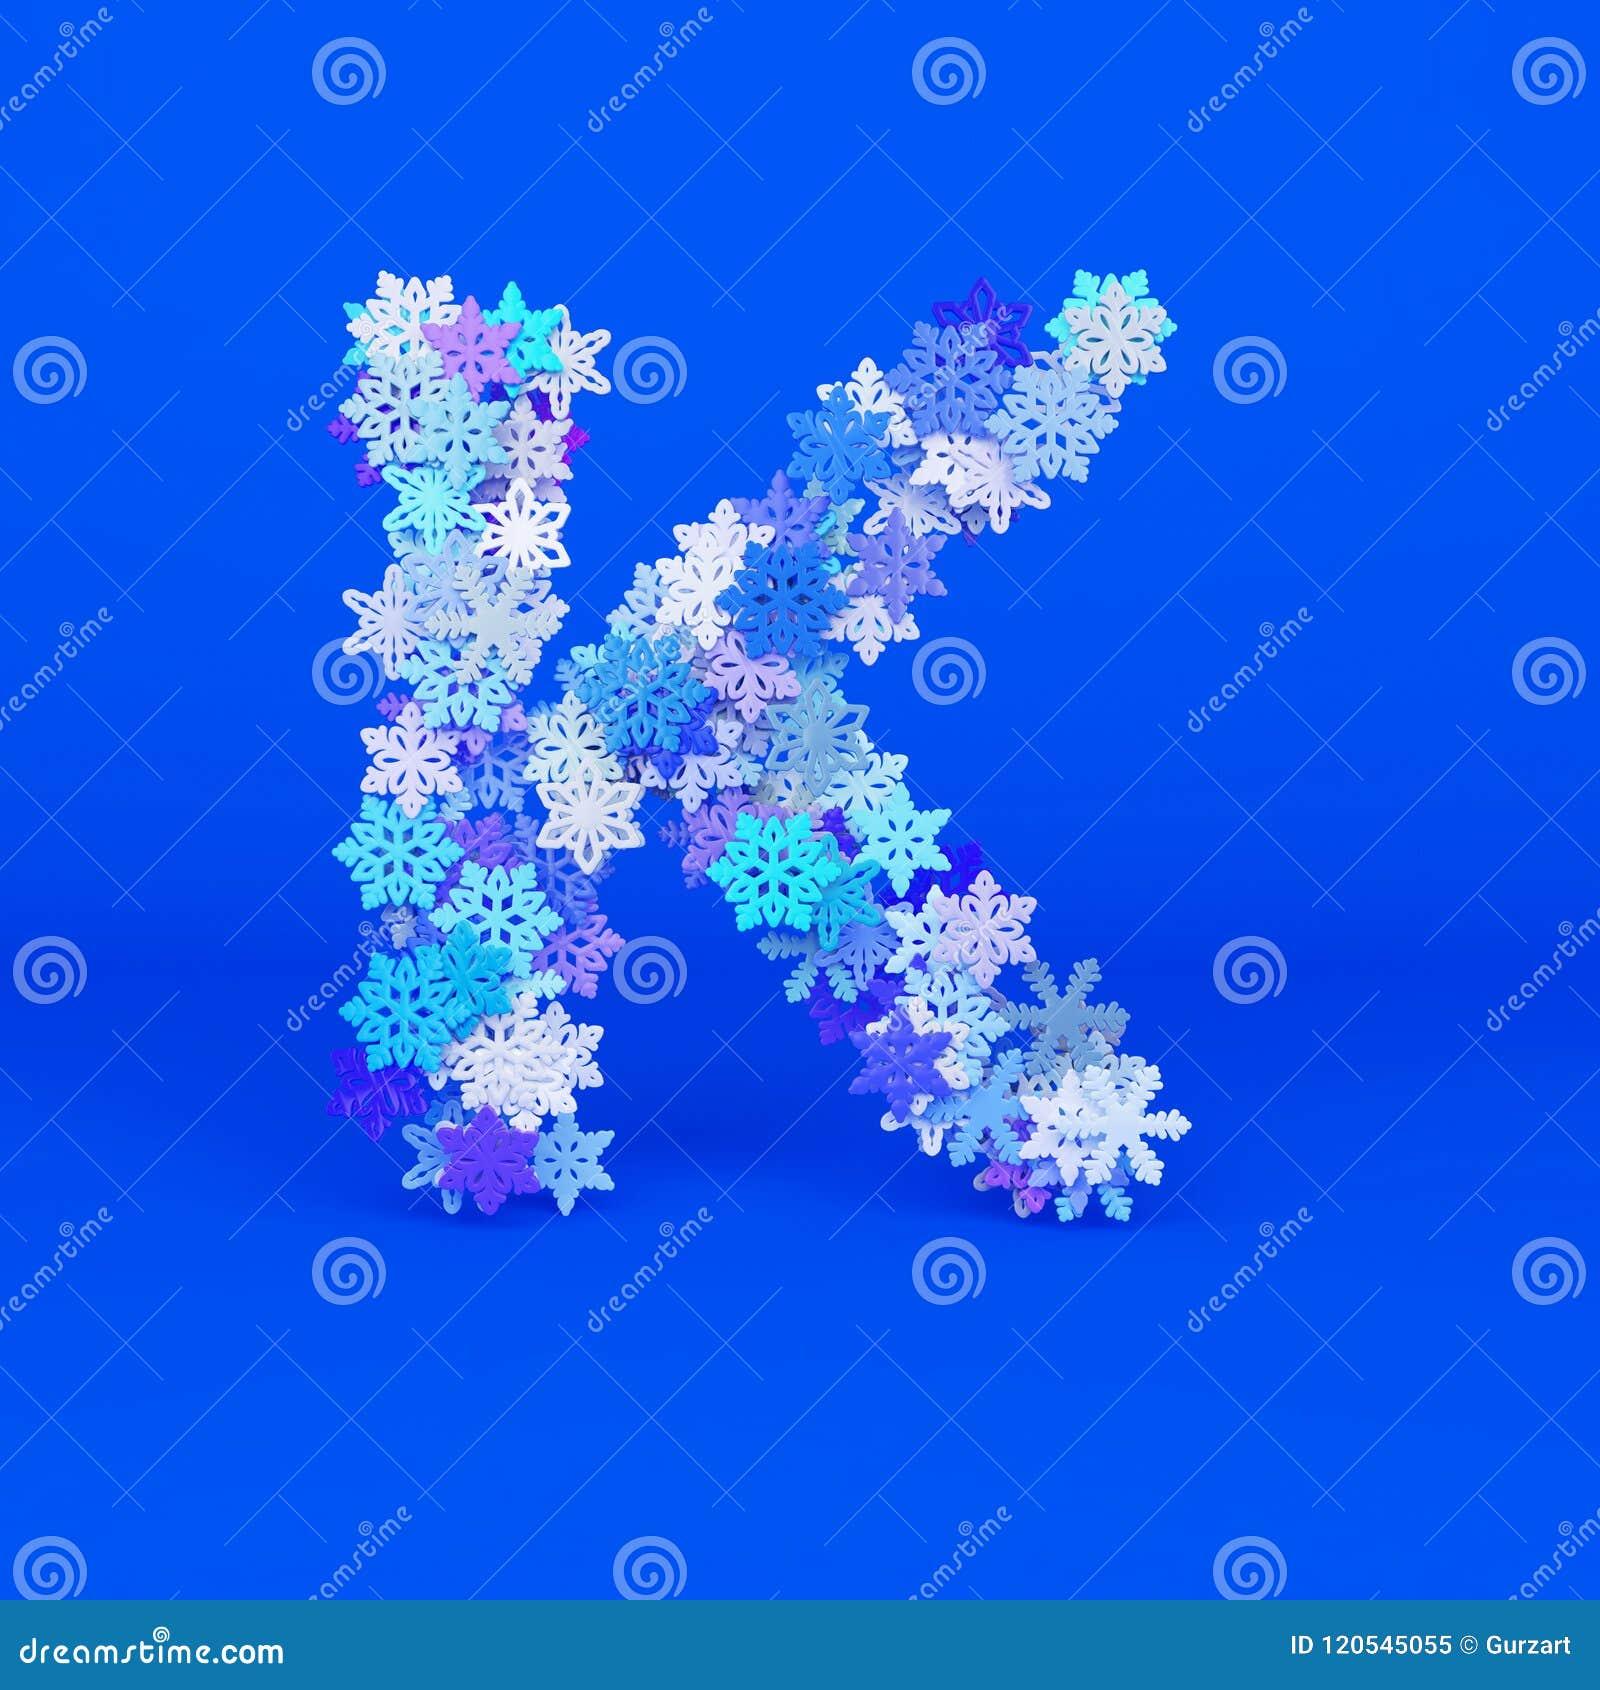 Winter Alphabet Letter K Uppercase Christmas Font Made Of